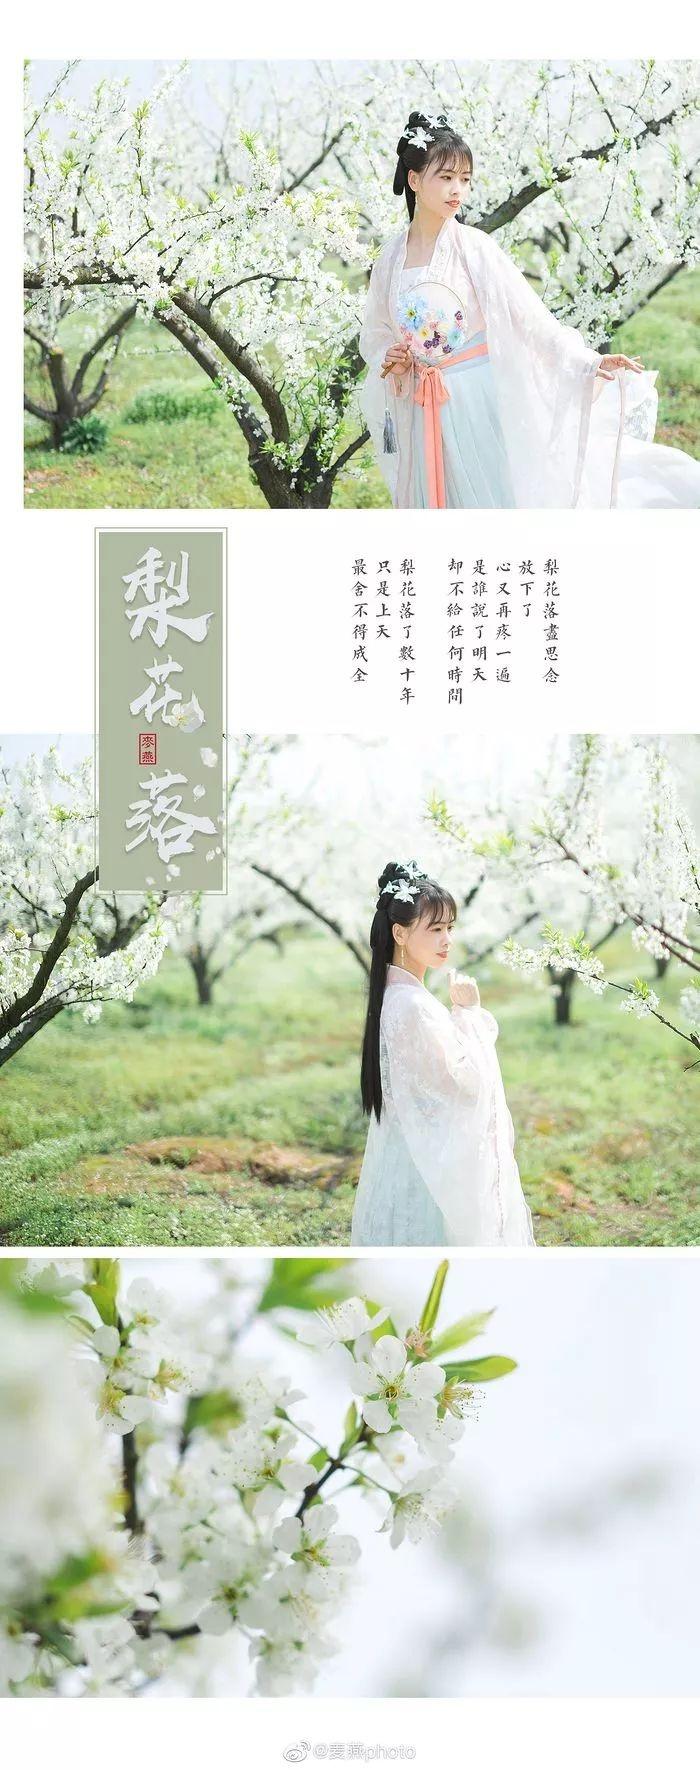 【汉服美景】梨花落,春不在